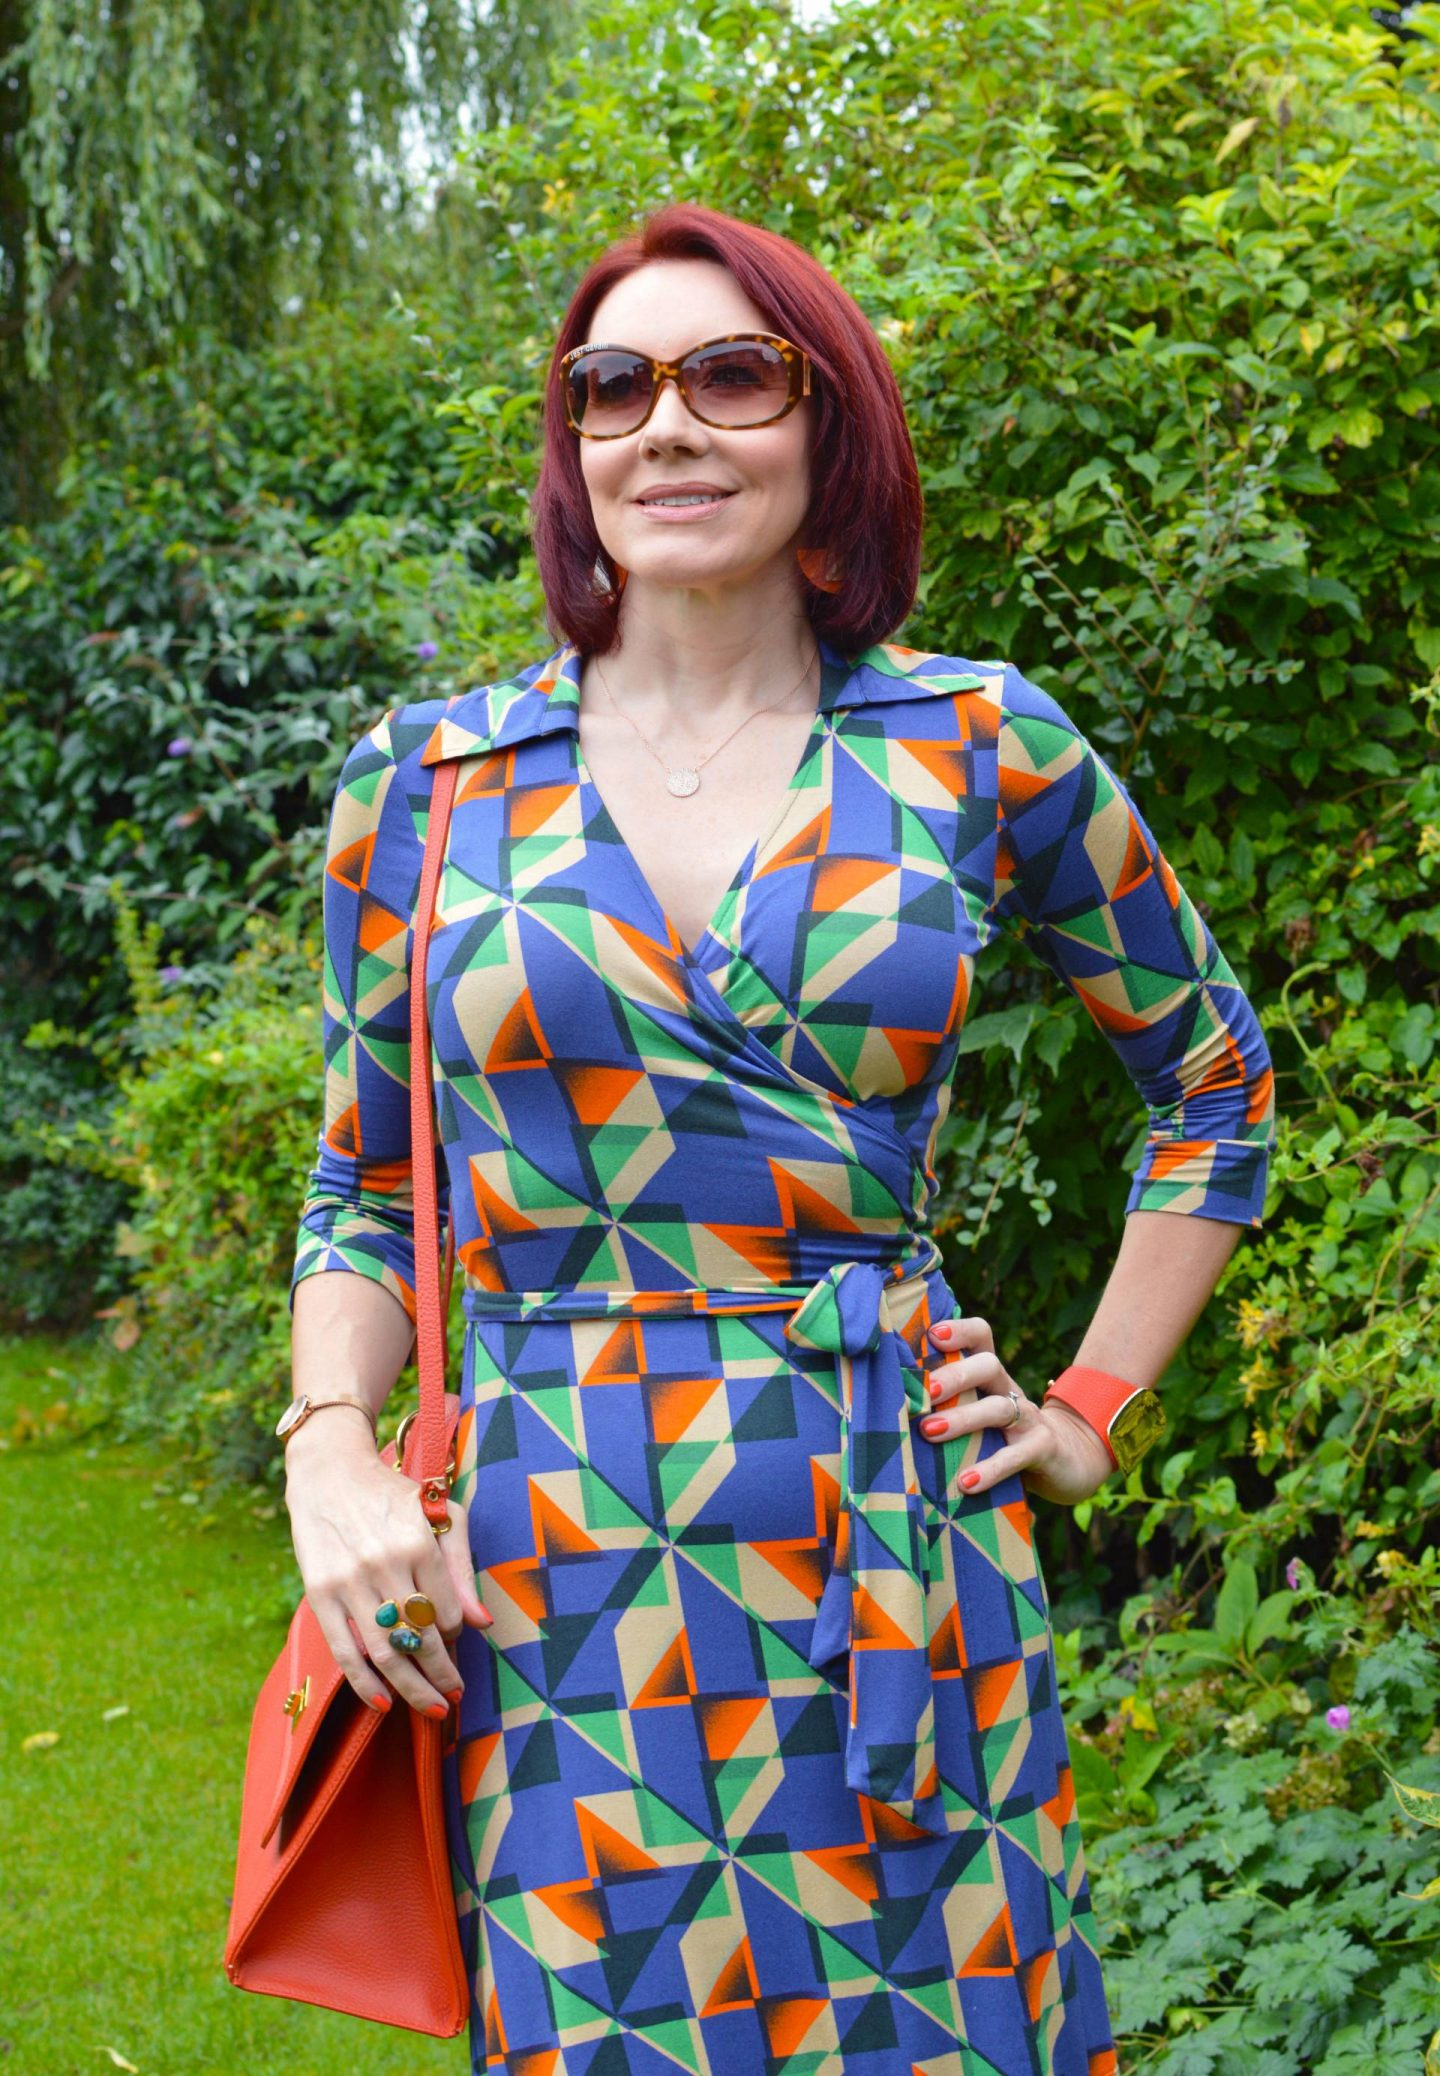 Nathalie Vleeschouwer Wrap Dress